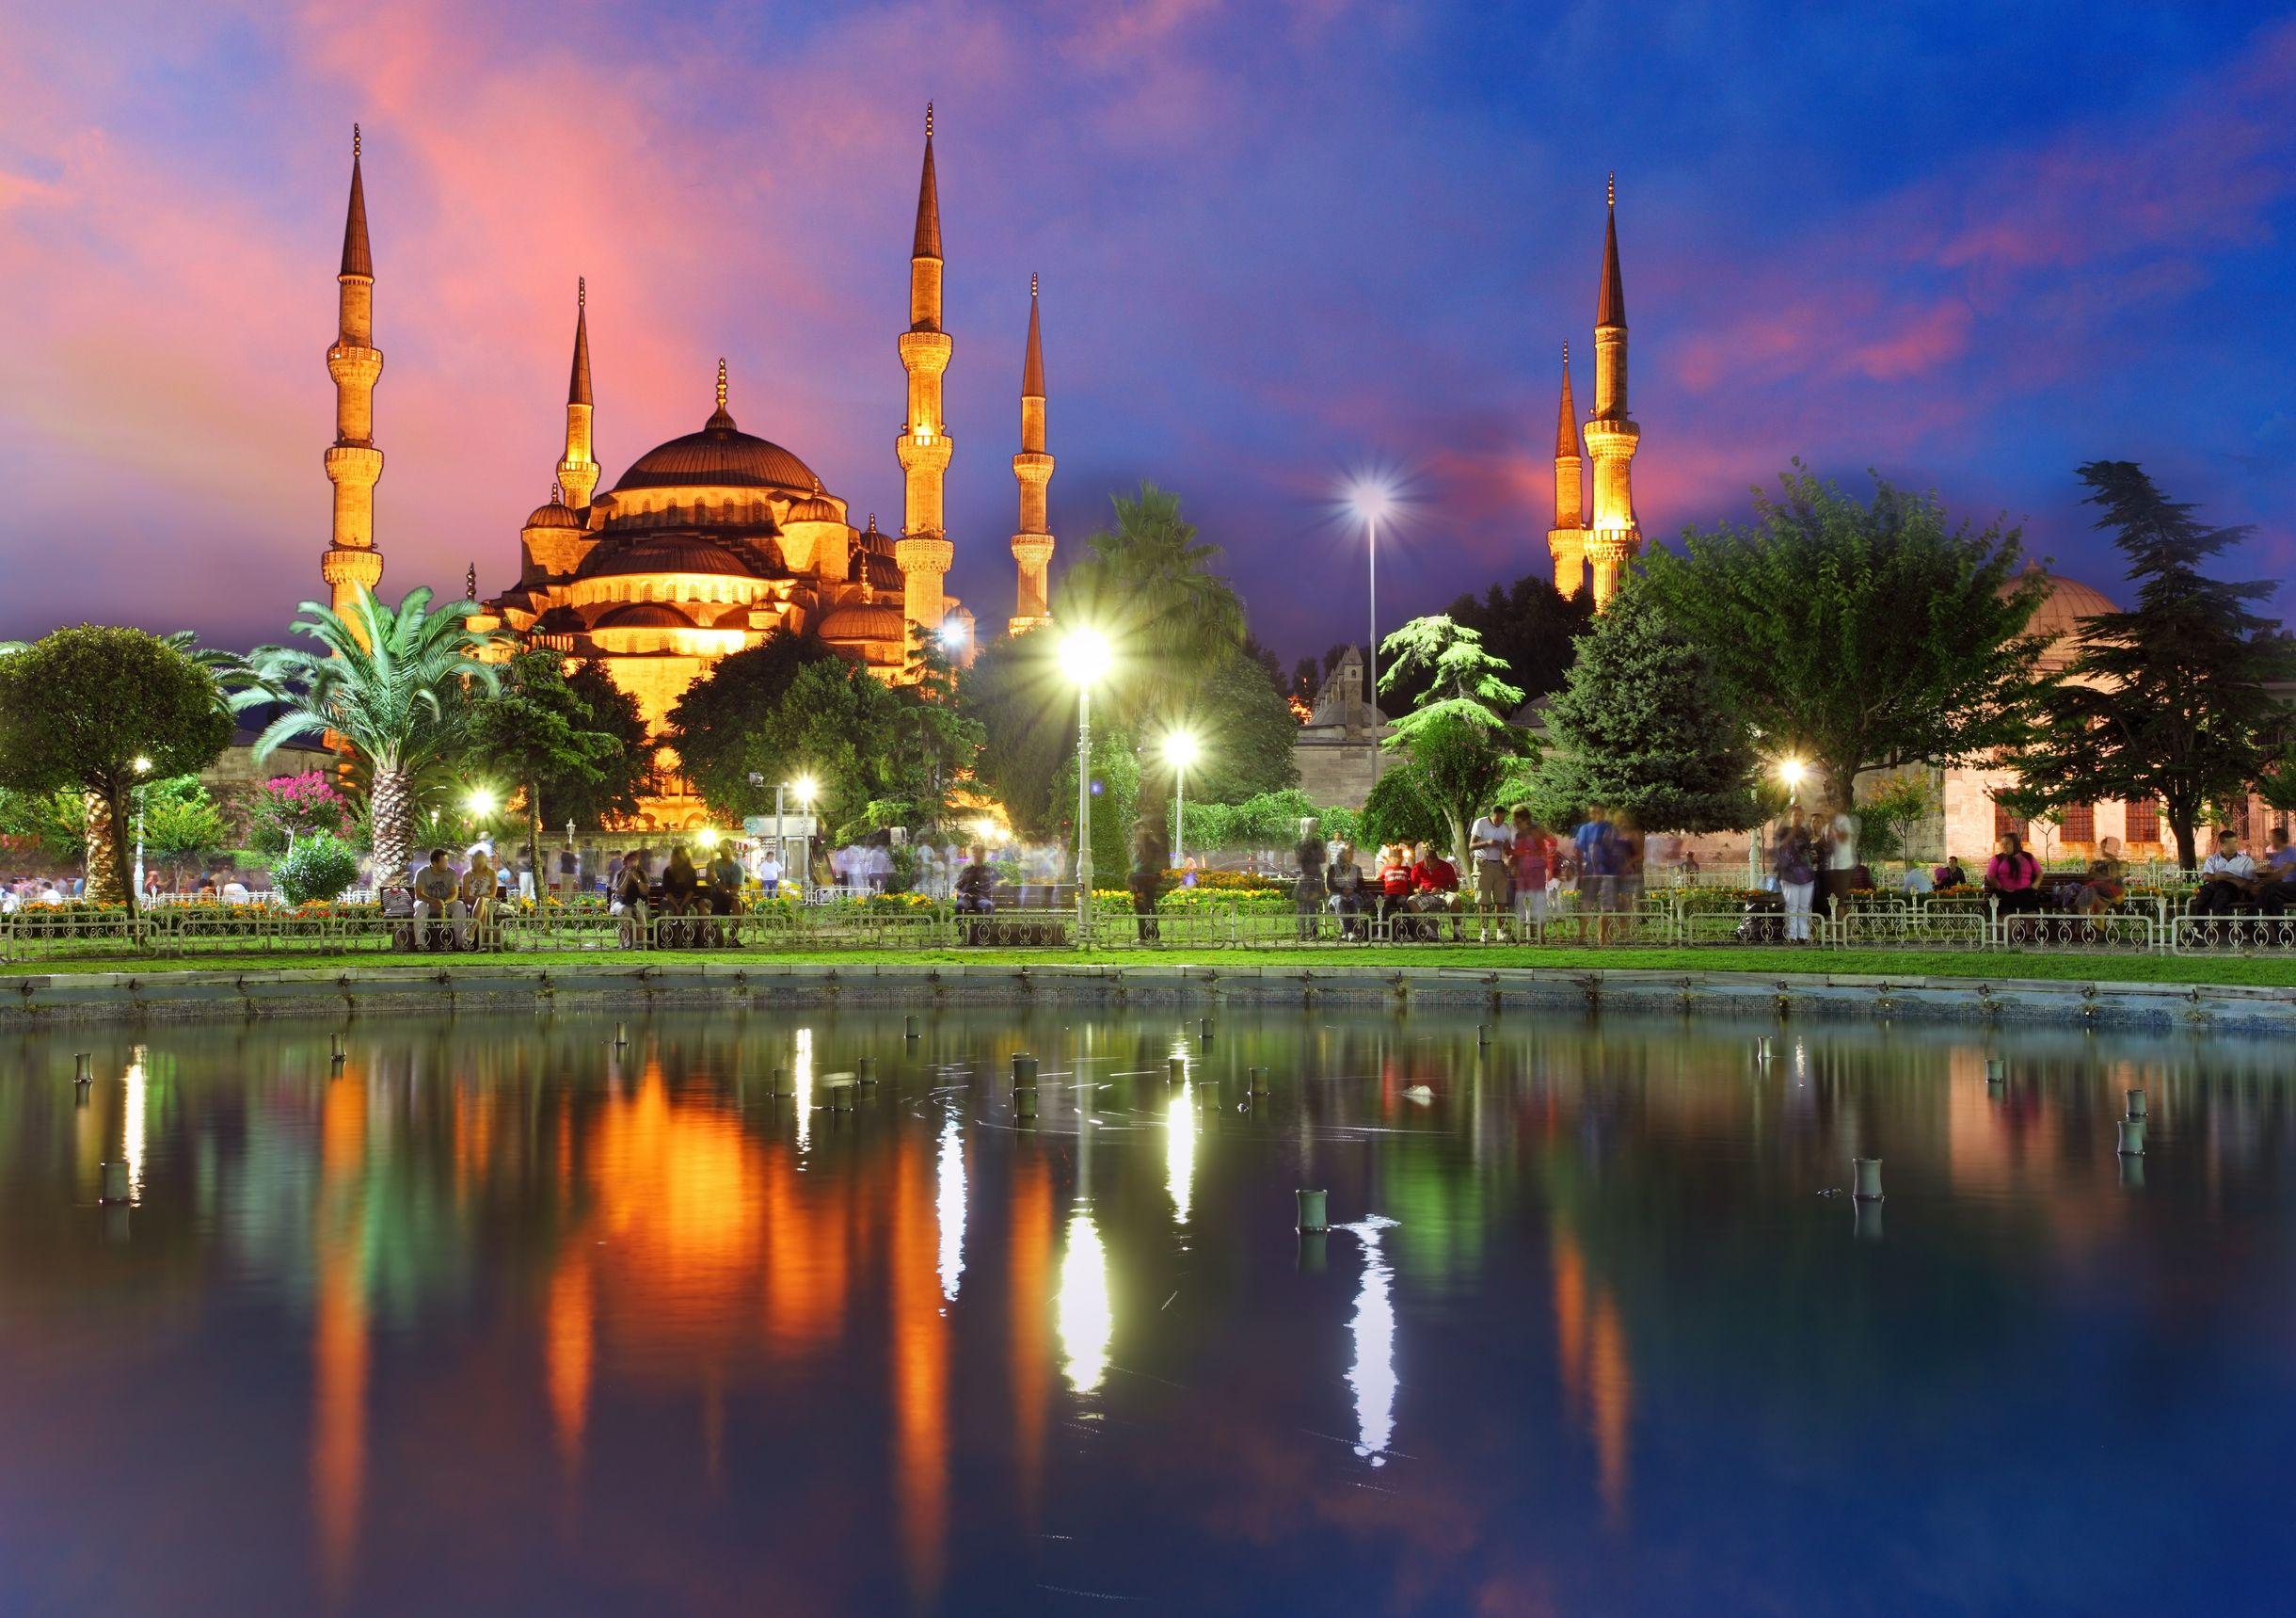 المسجد الأزرق، اسطمبول تركيا